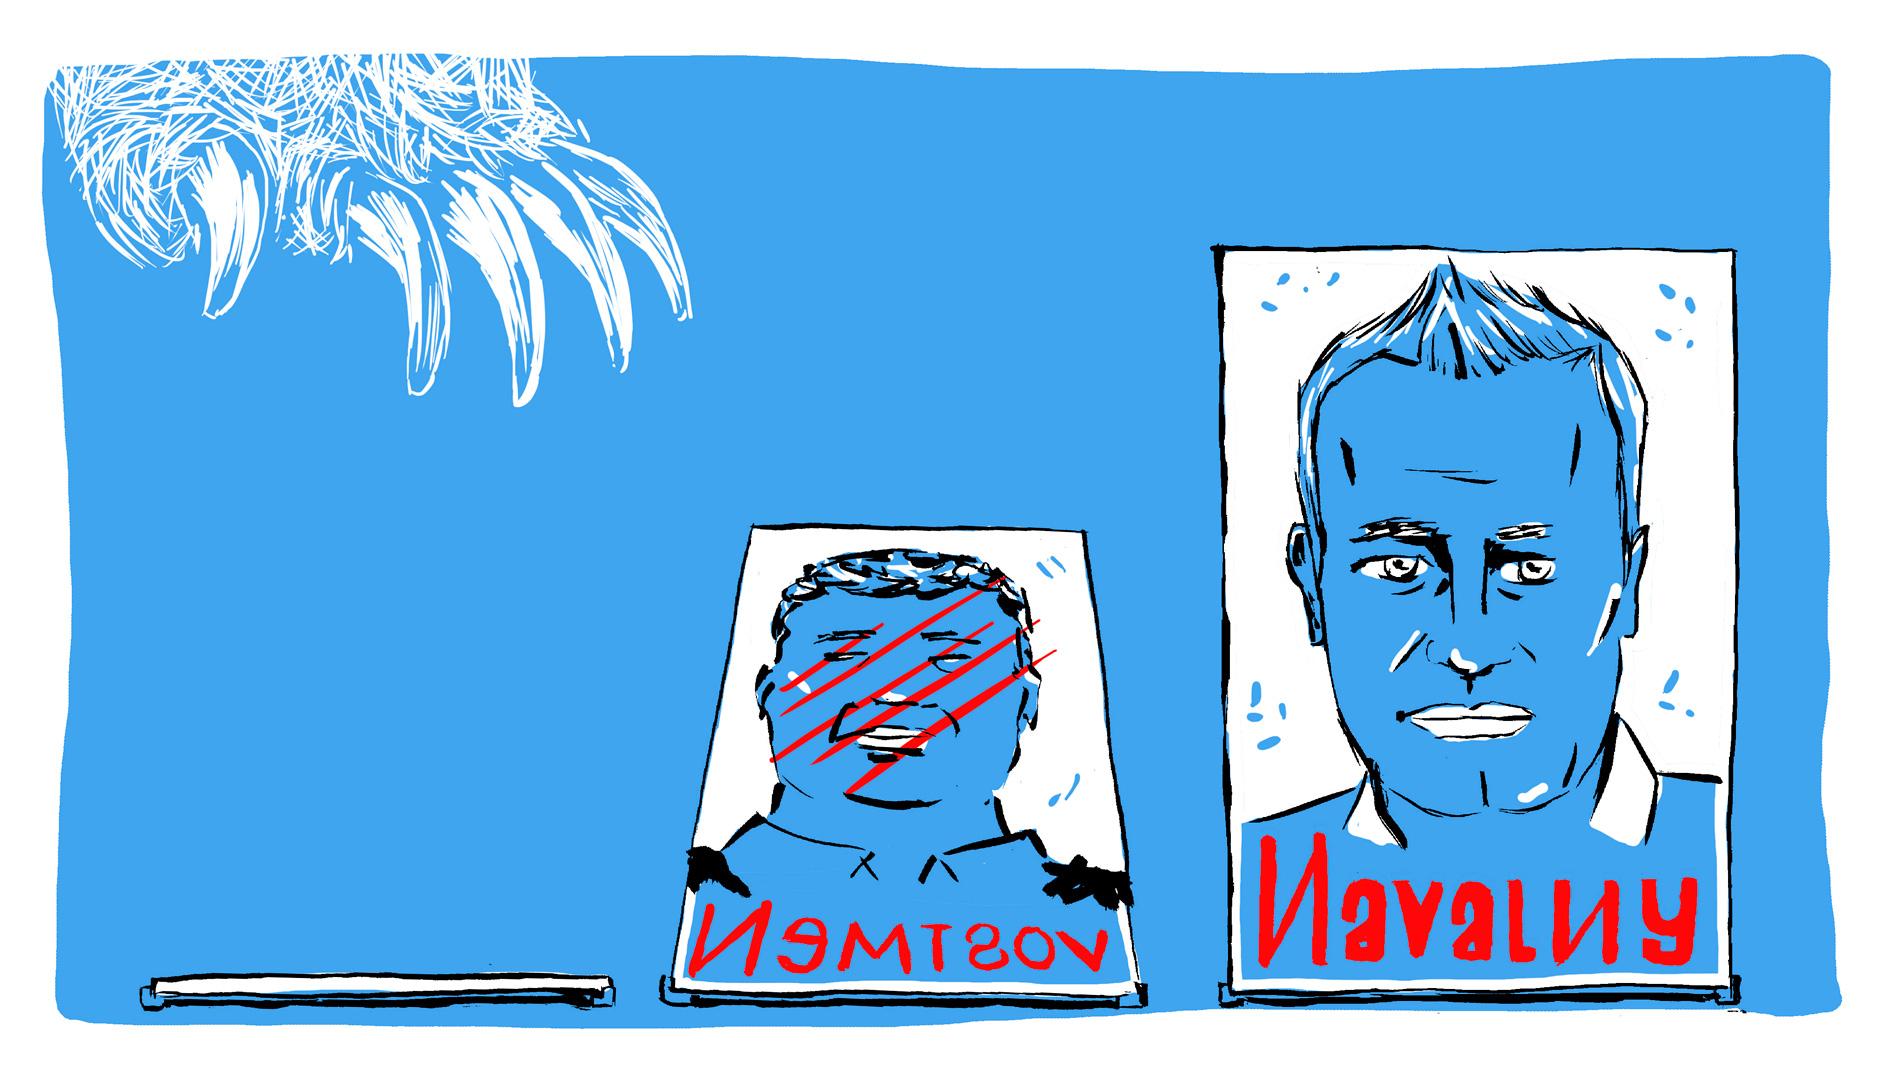 Élections en Russie : l'éternel fuite en avant de Vladimir Poutine. Illustrations de Tommy Dessine.